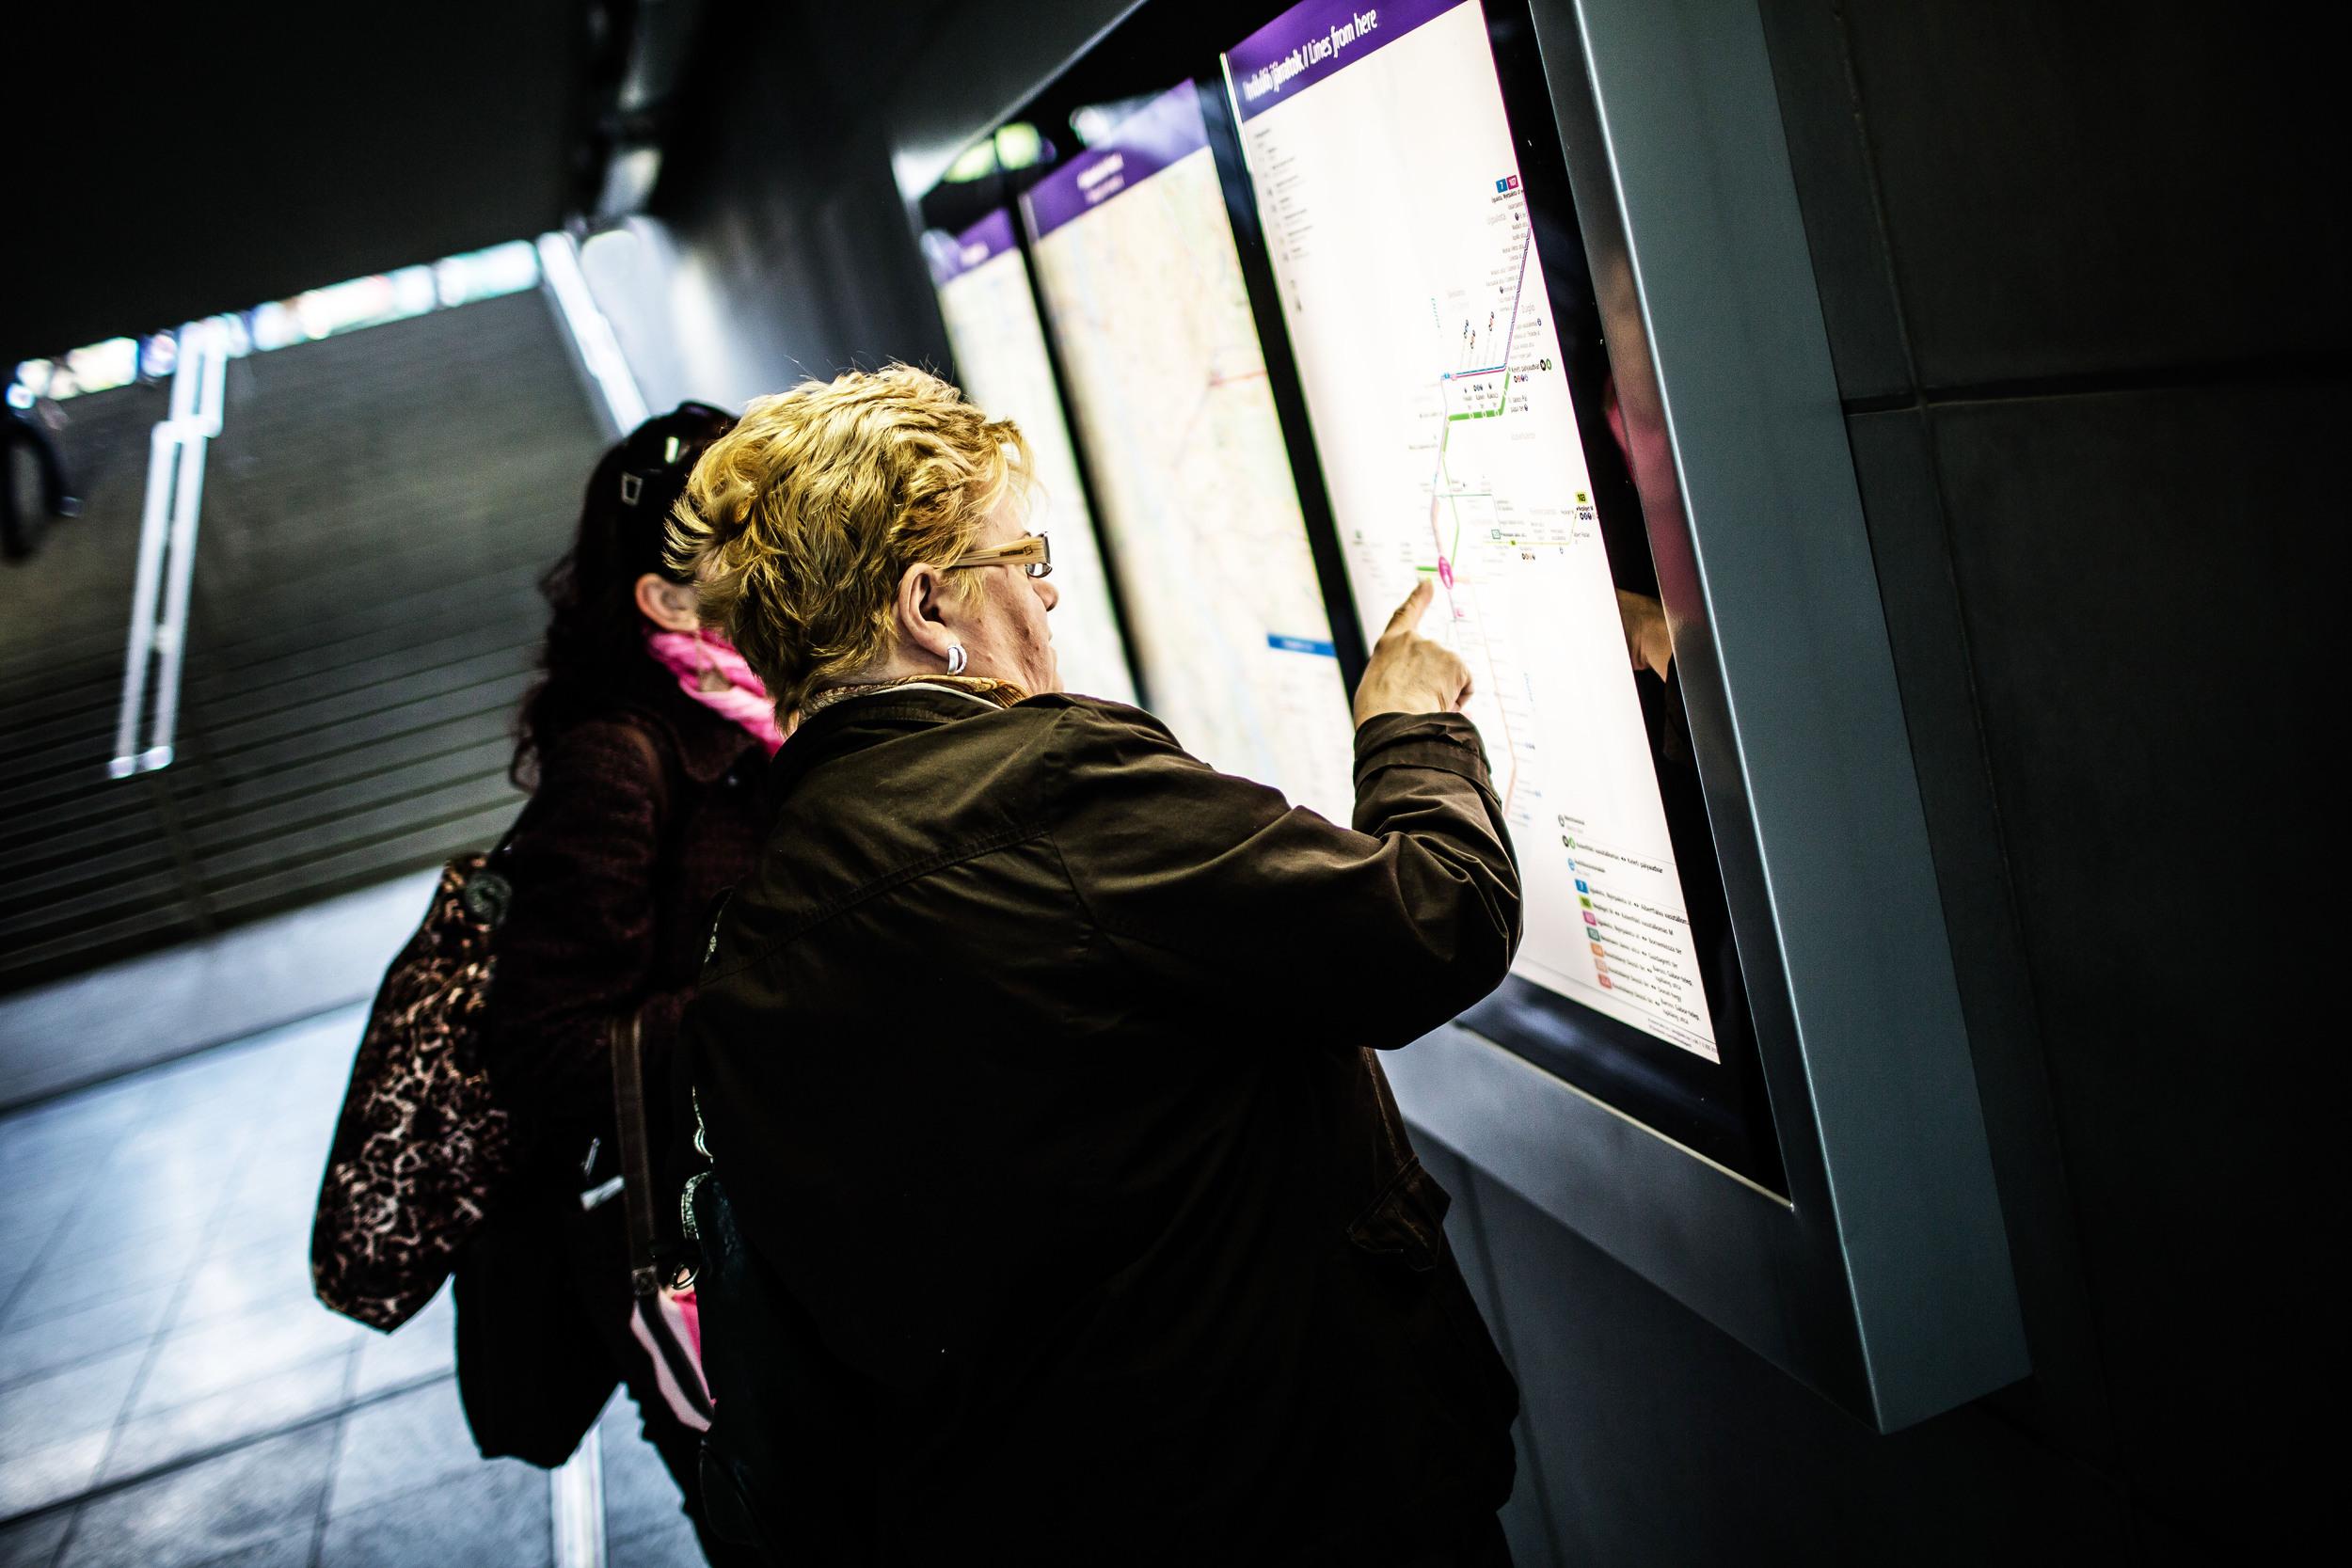 Egy nő azt mondta, ő Csepelről jött megnézni az új metrót. Évente csak egyszer fog vele utazni, mert nem esik neki útba, de pont volt szabadideje, ezért eljött.